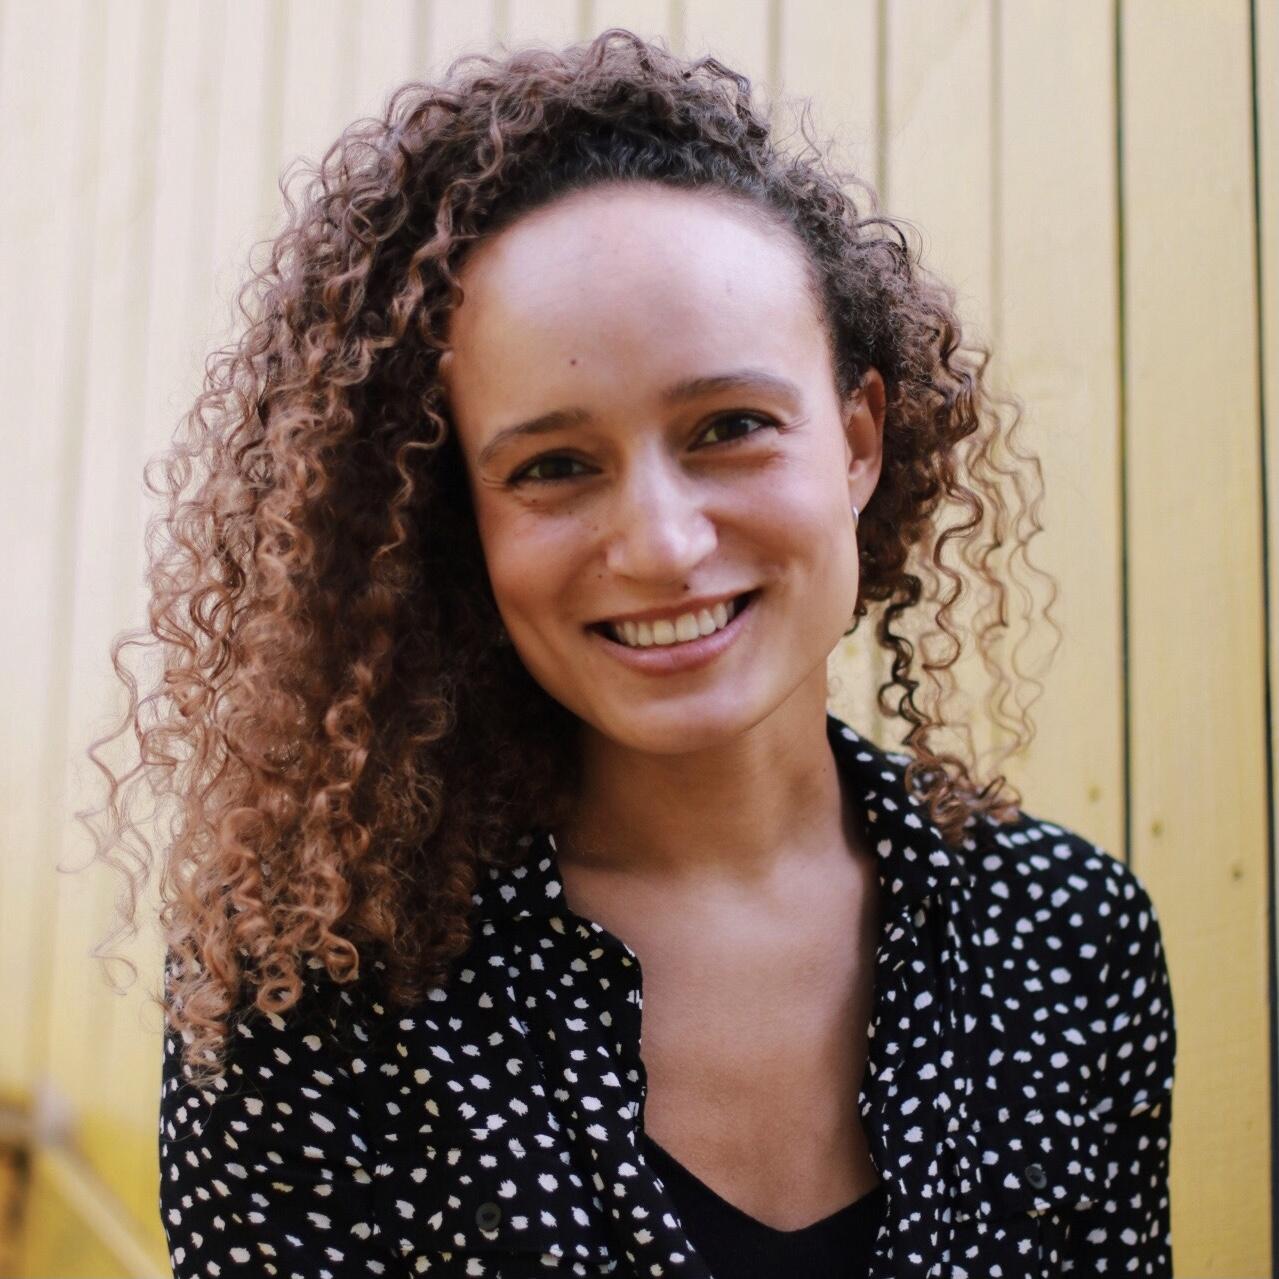 Julia Lobato